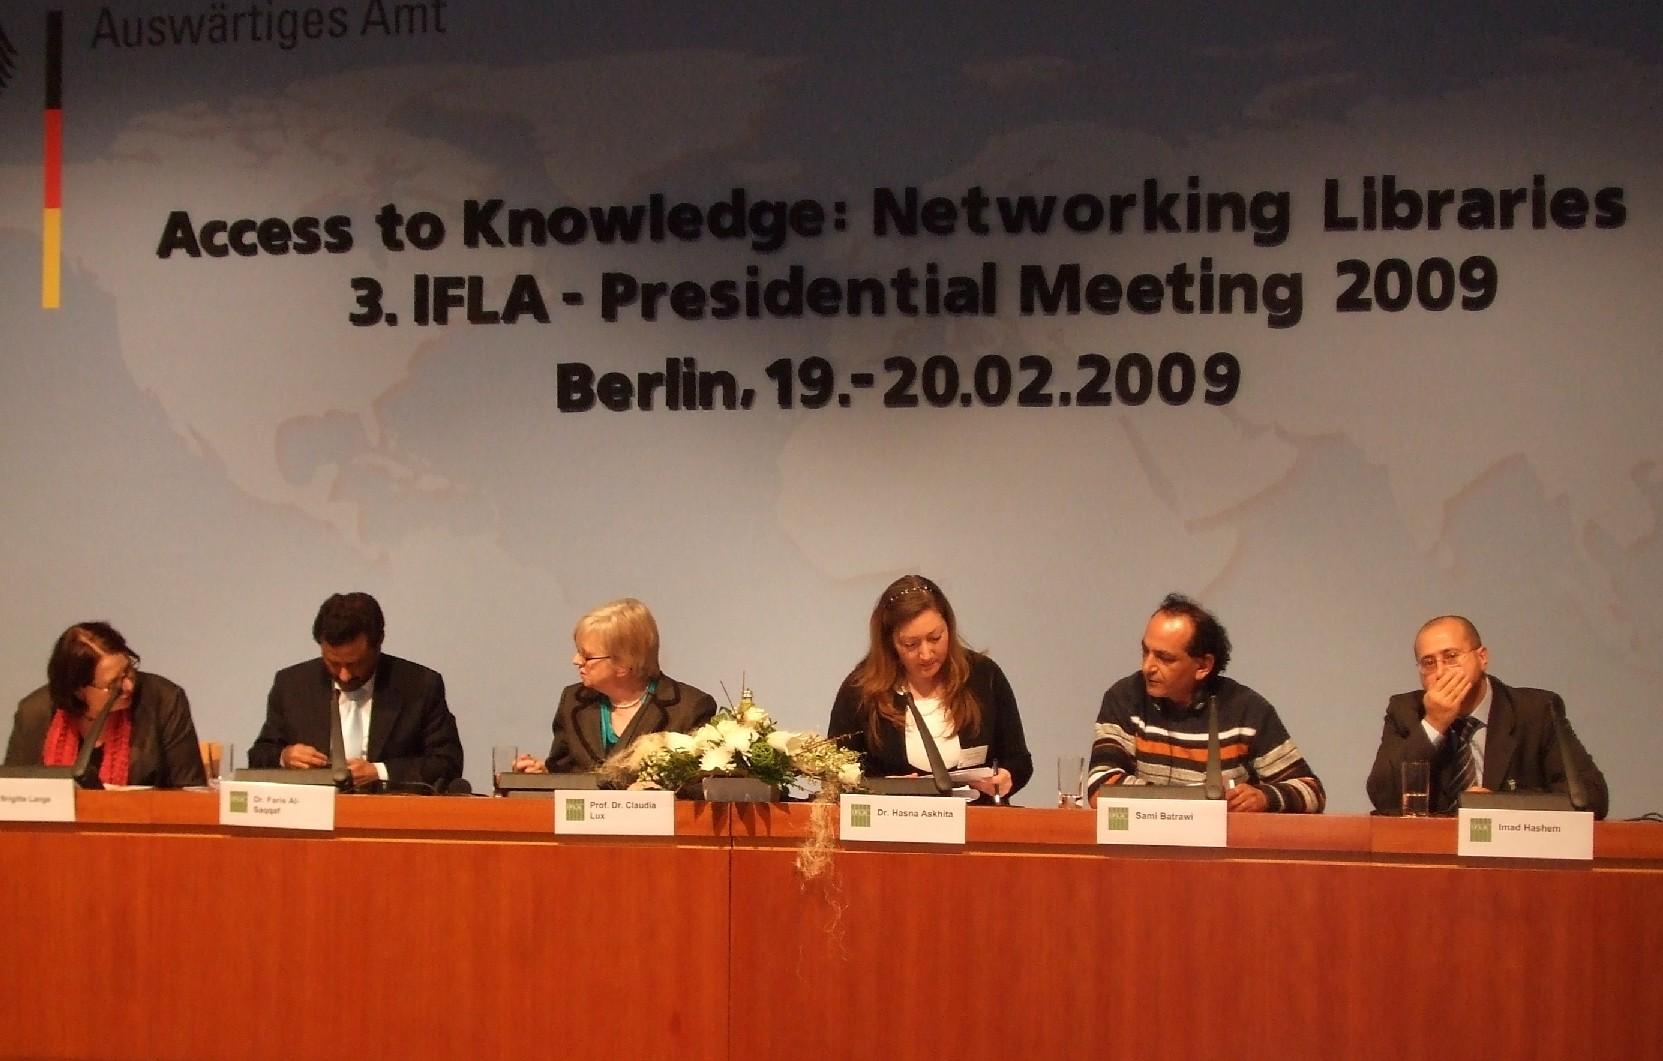 Závěrečná diskuze – zleva Brigitte Langeová, dr. Faris Al-Saqqaf, prof. dr. Claudia Luxová, dr. Hasna Askhitová, Sami Batrawi a Imad Hashem